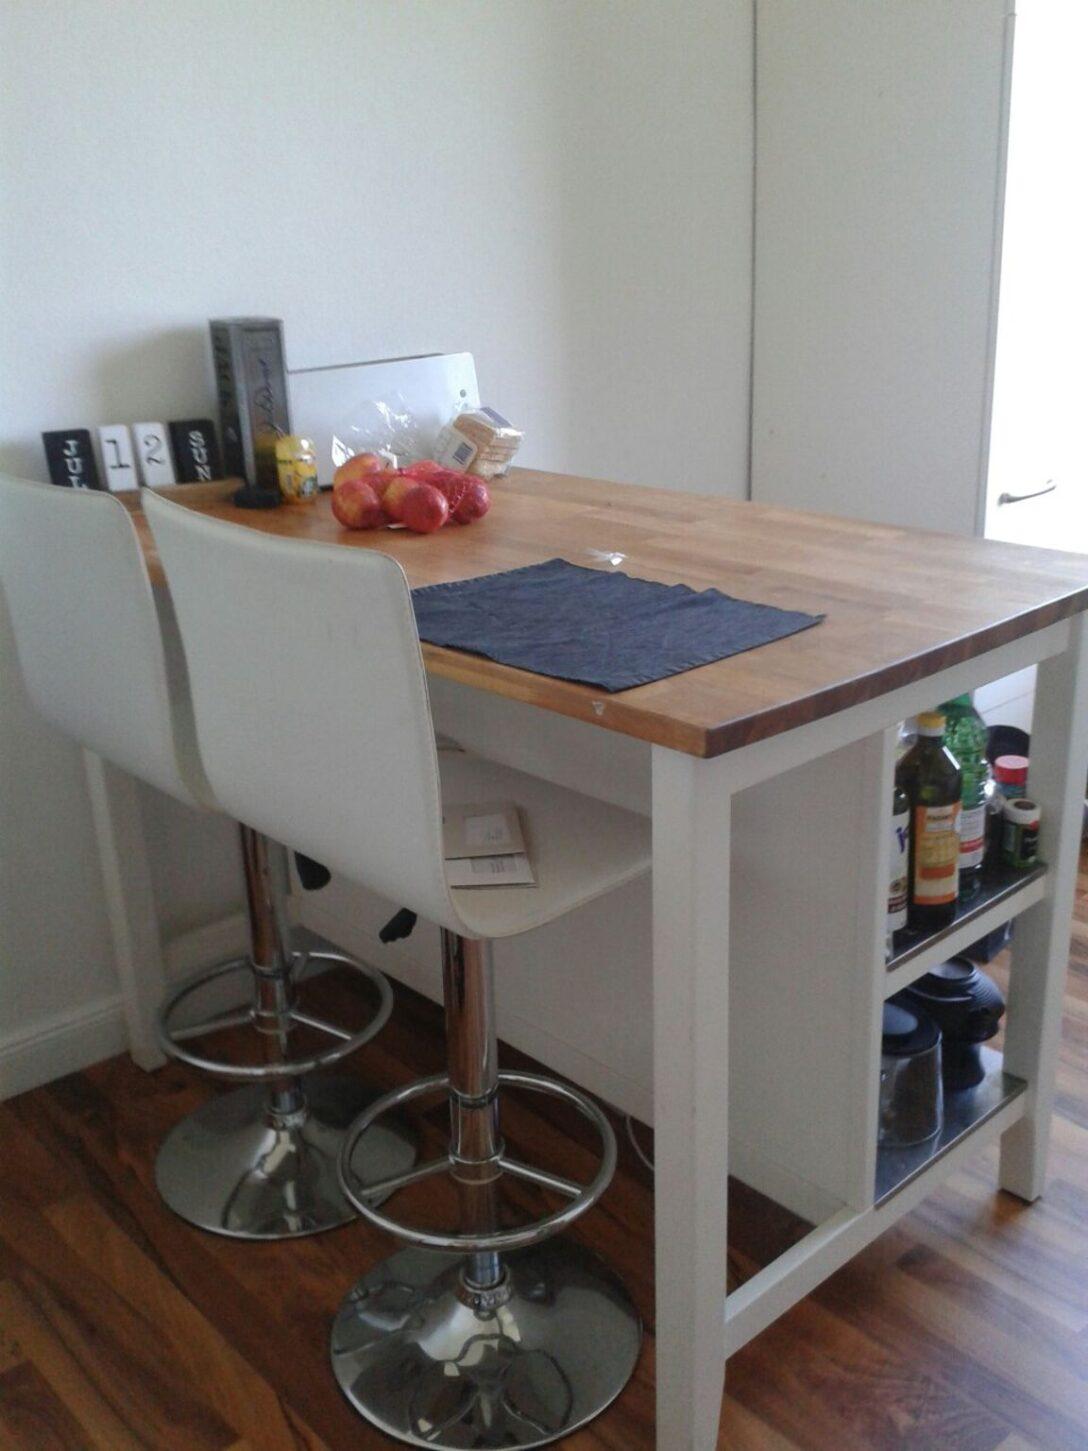 Large Size of Küche Ikea Kosten Sofa Mit Schlaffunktion Betten Bei Miniküche Modulküche Kaufen 160x200 Wohnzimmer Kücheninseln Ikea